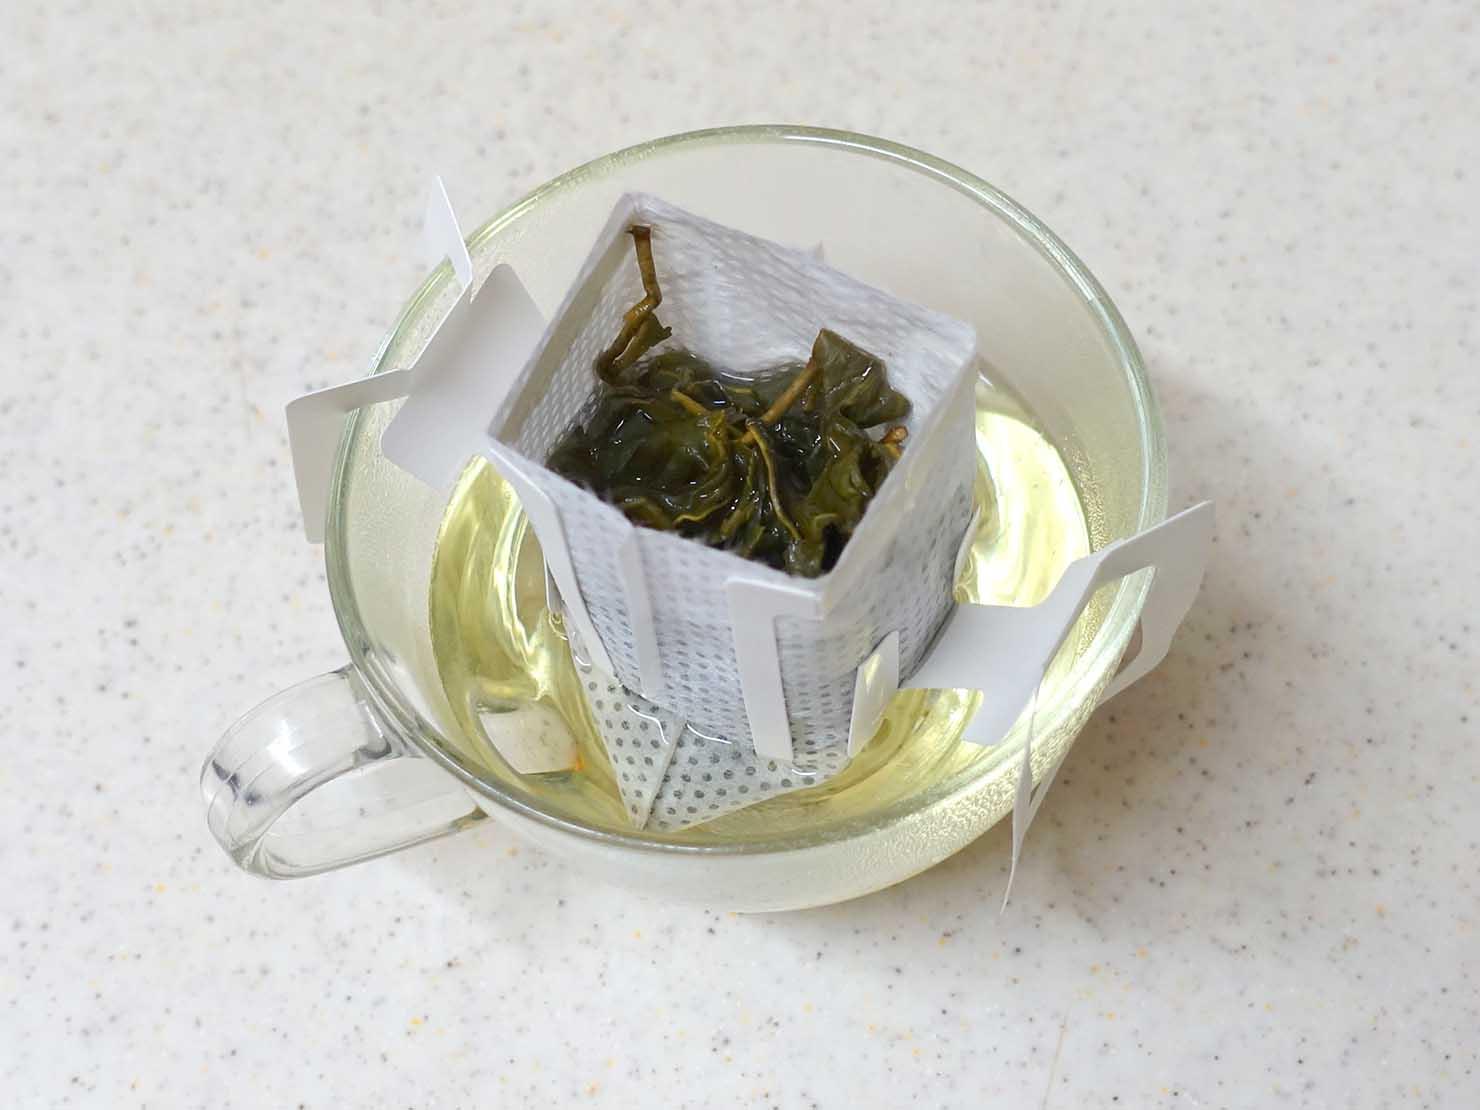 台北101エリアでのおみやげ探しにおすすめのショップ「好丘 Good Cho's」で買ったおみやげ・台湾茶パックの淹れ方